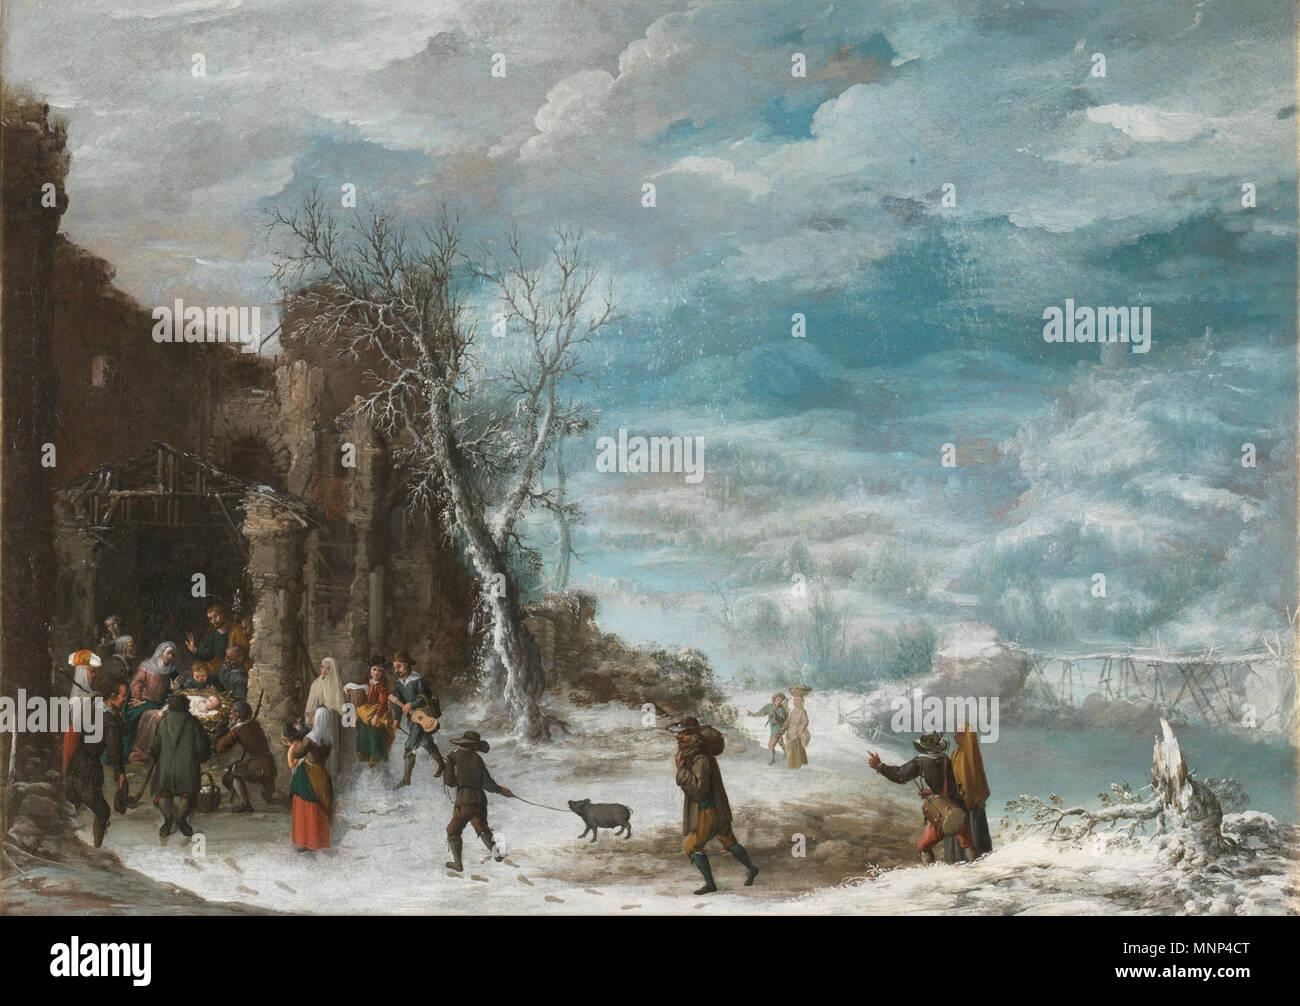 953 Paisaje de invierno con la Adoración de los pastores, de Francisco Collantes (Museo del Prado) - Stock Image